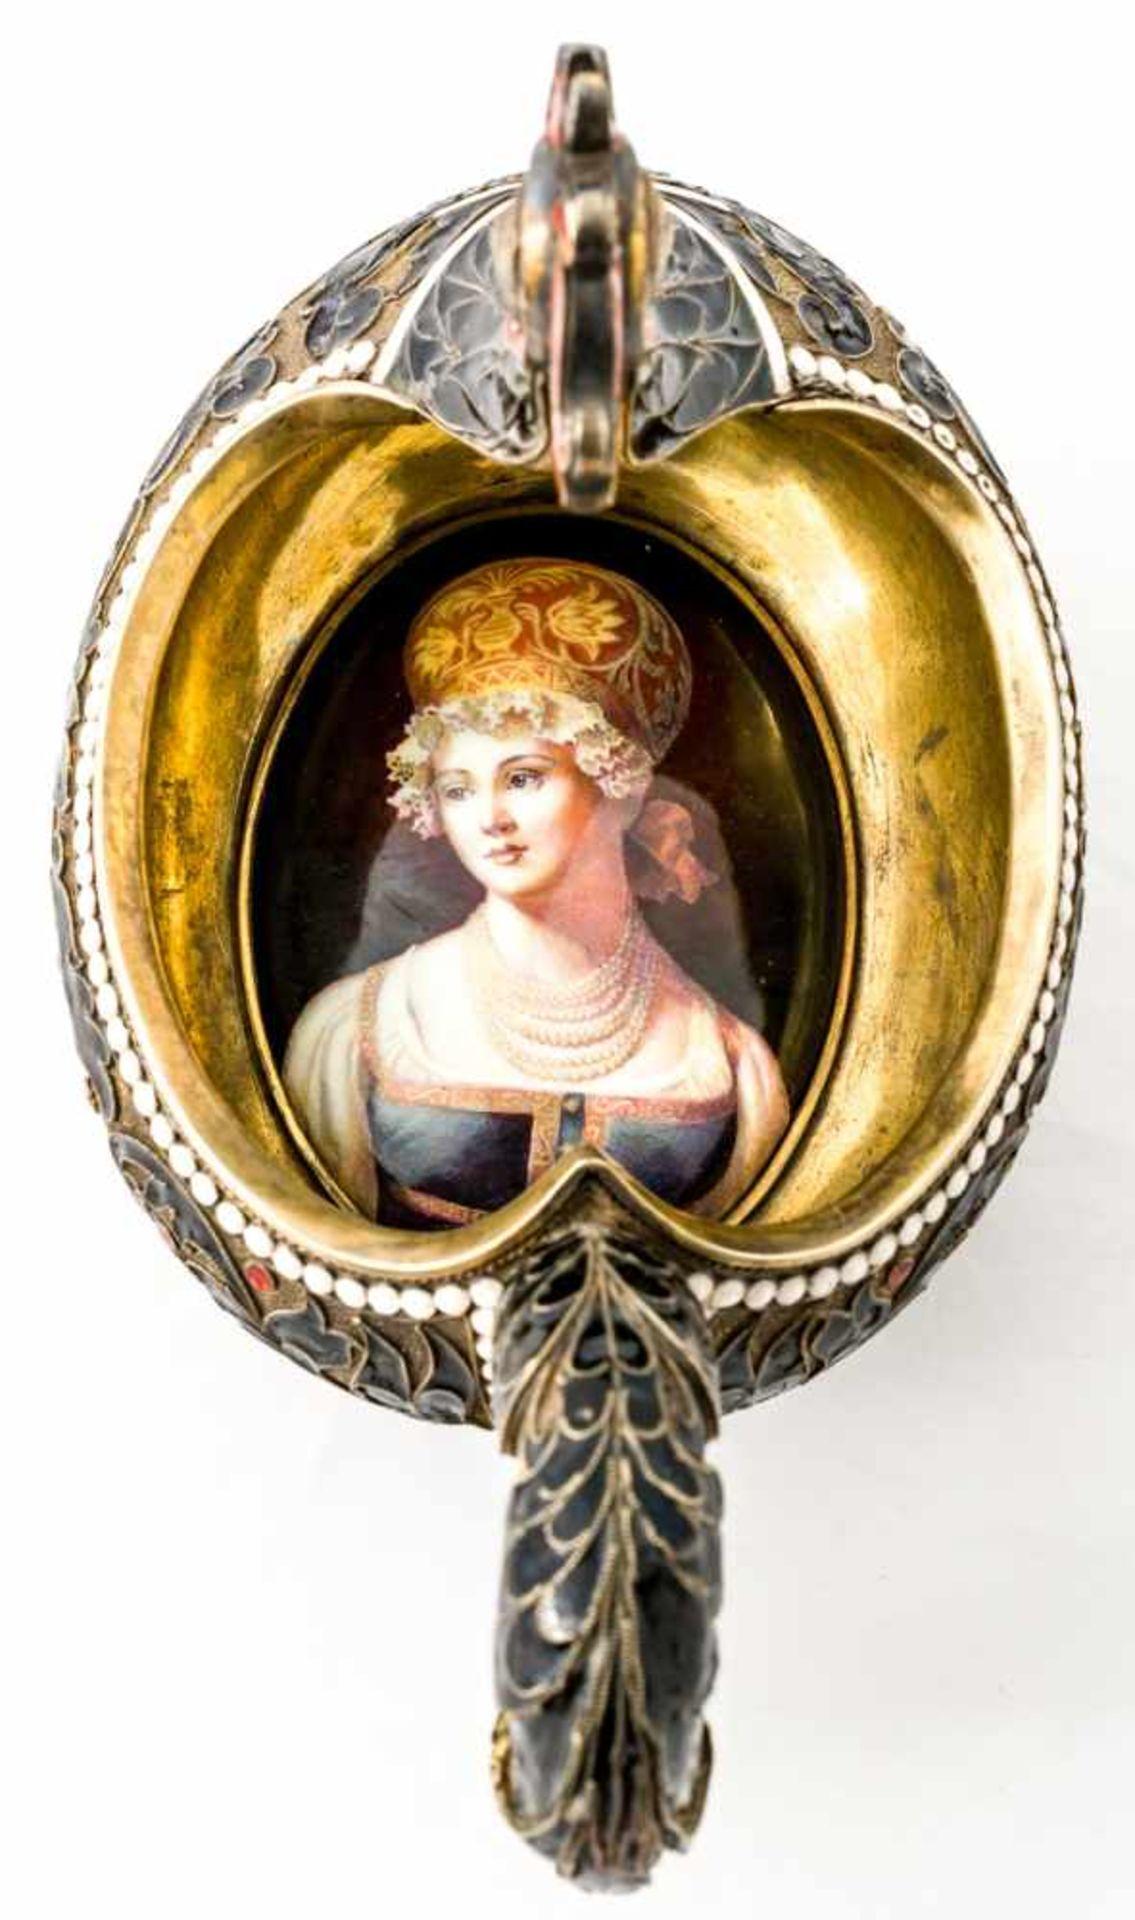 Kovsh in Form eines Hahns mit Porzellanminiatur am Boden Russland, Silber vergoldet mit Email ( - Bild 3 aus 4